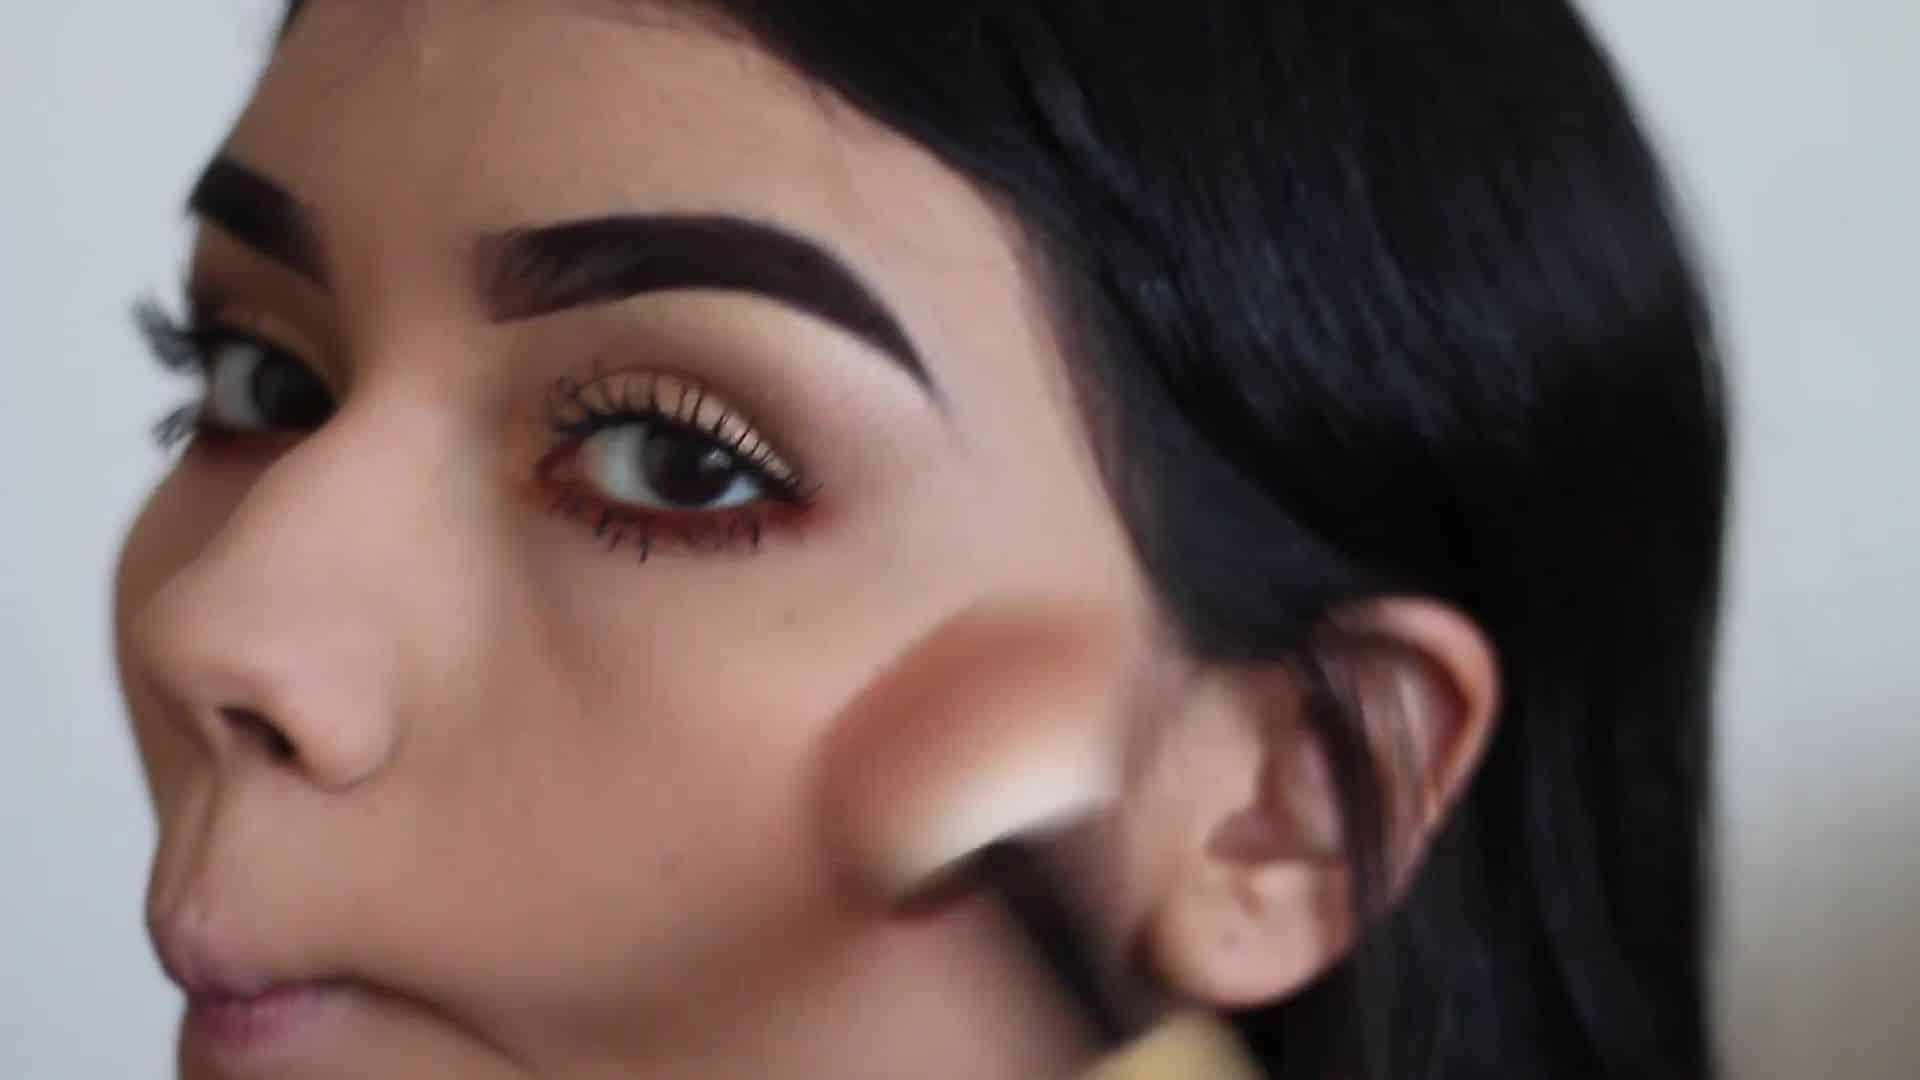 Paulina del Campo Maquillaje para cuando tienes pereza 2020,bronceador, mejillas bronceadas.